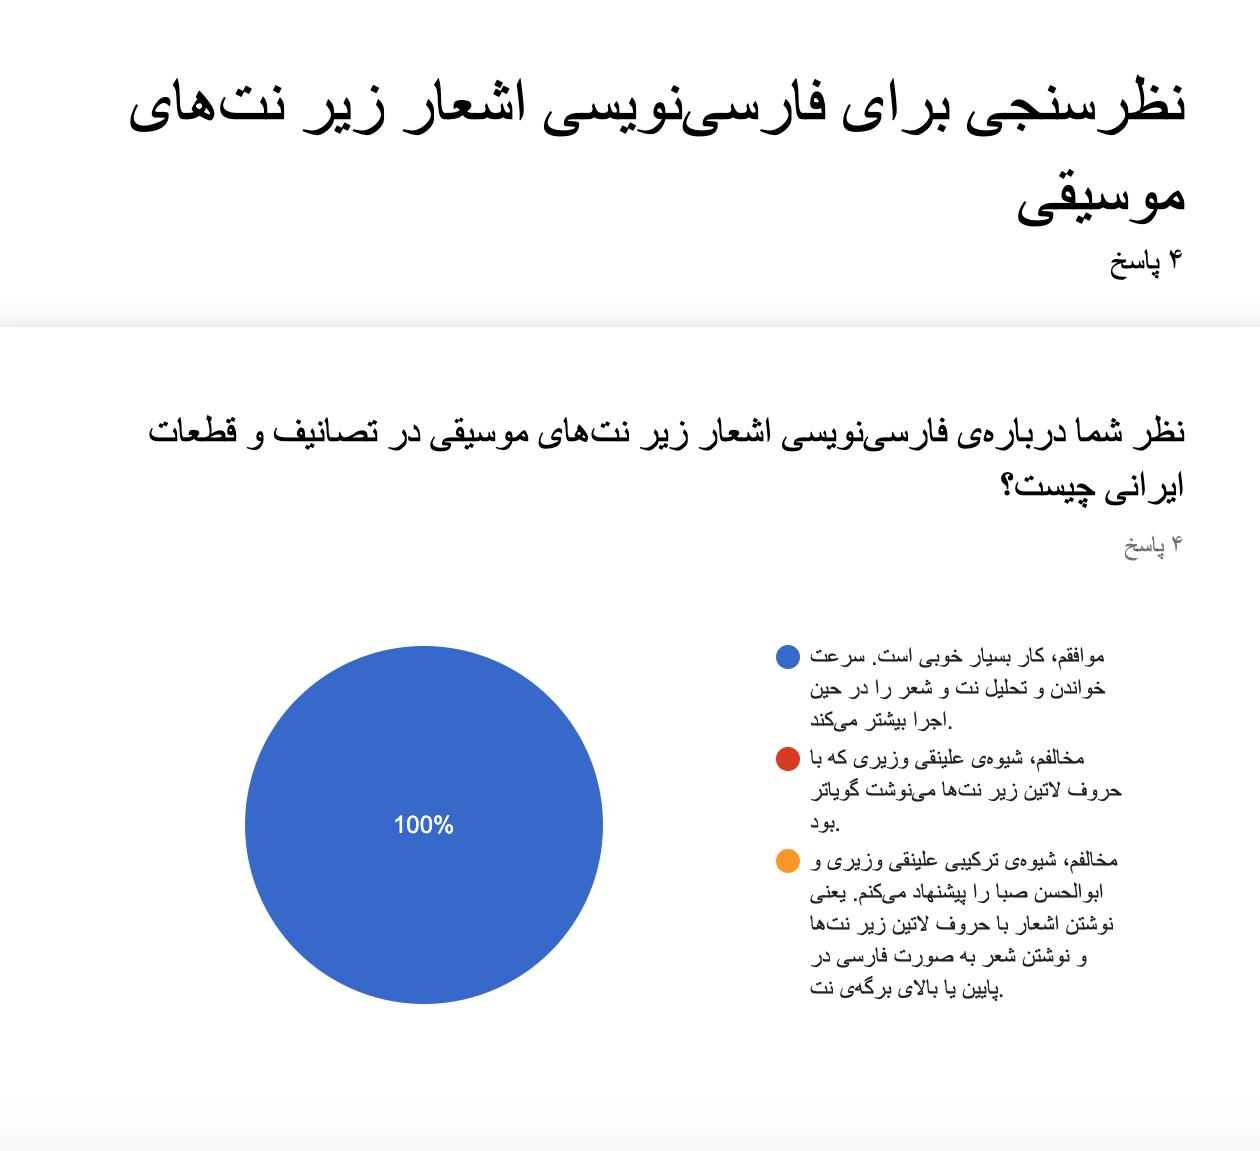 نظرسنجی برای فارسینویسی اشعار زیر نتهای موسیقی